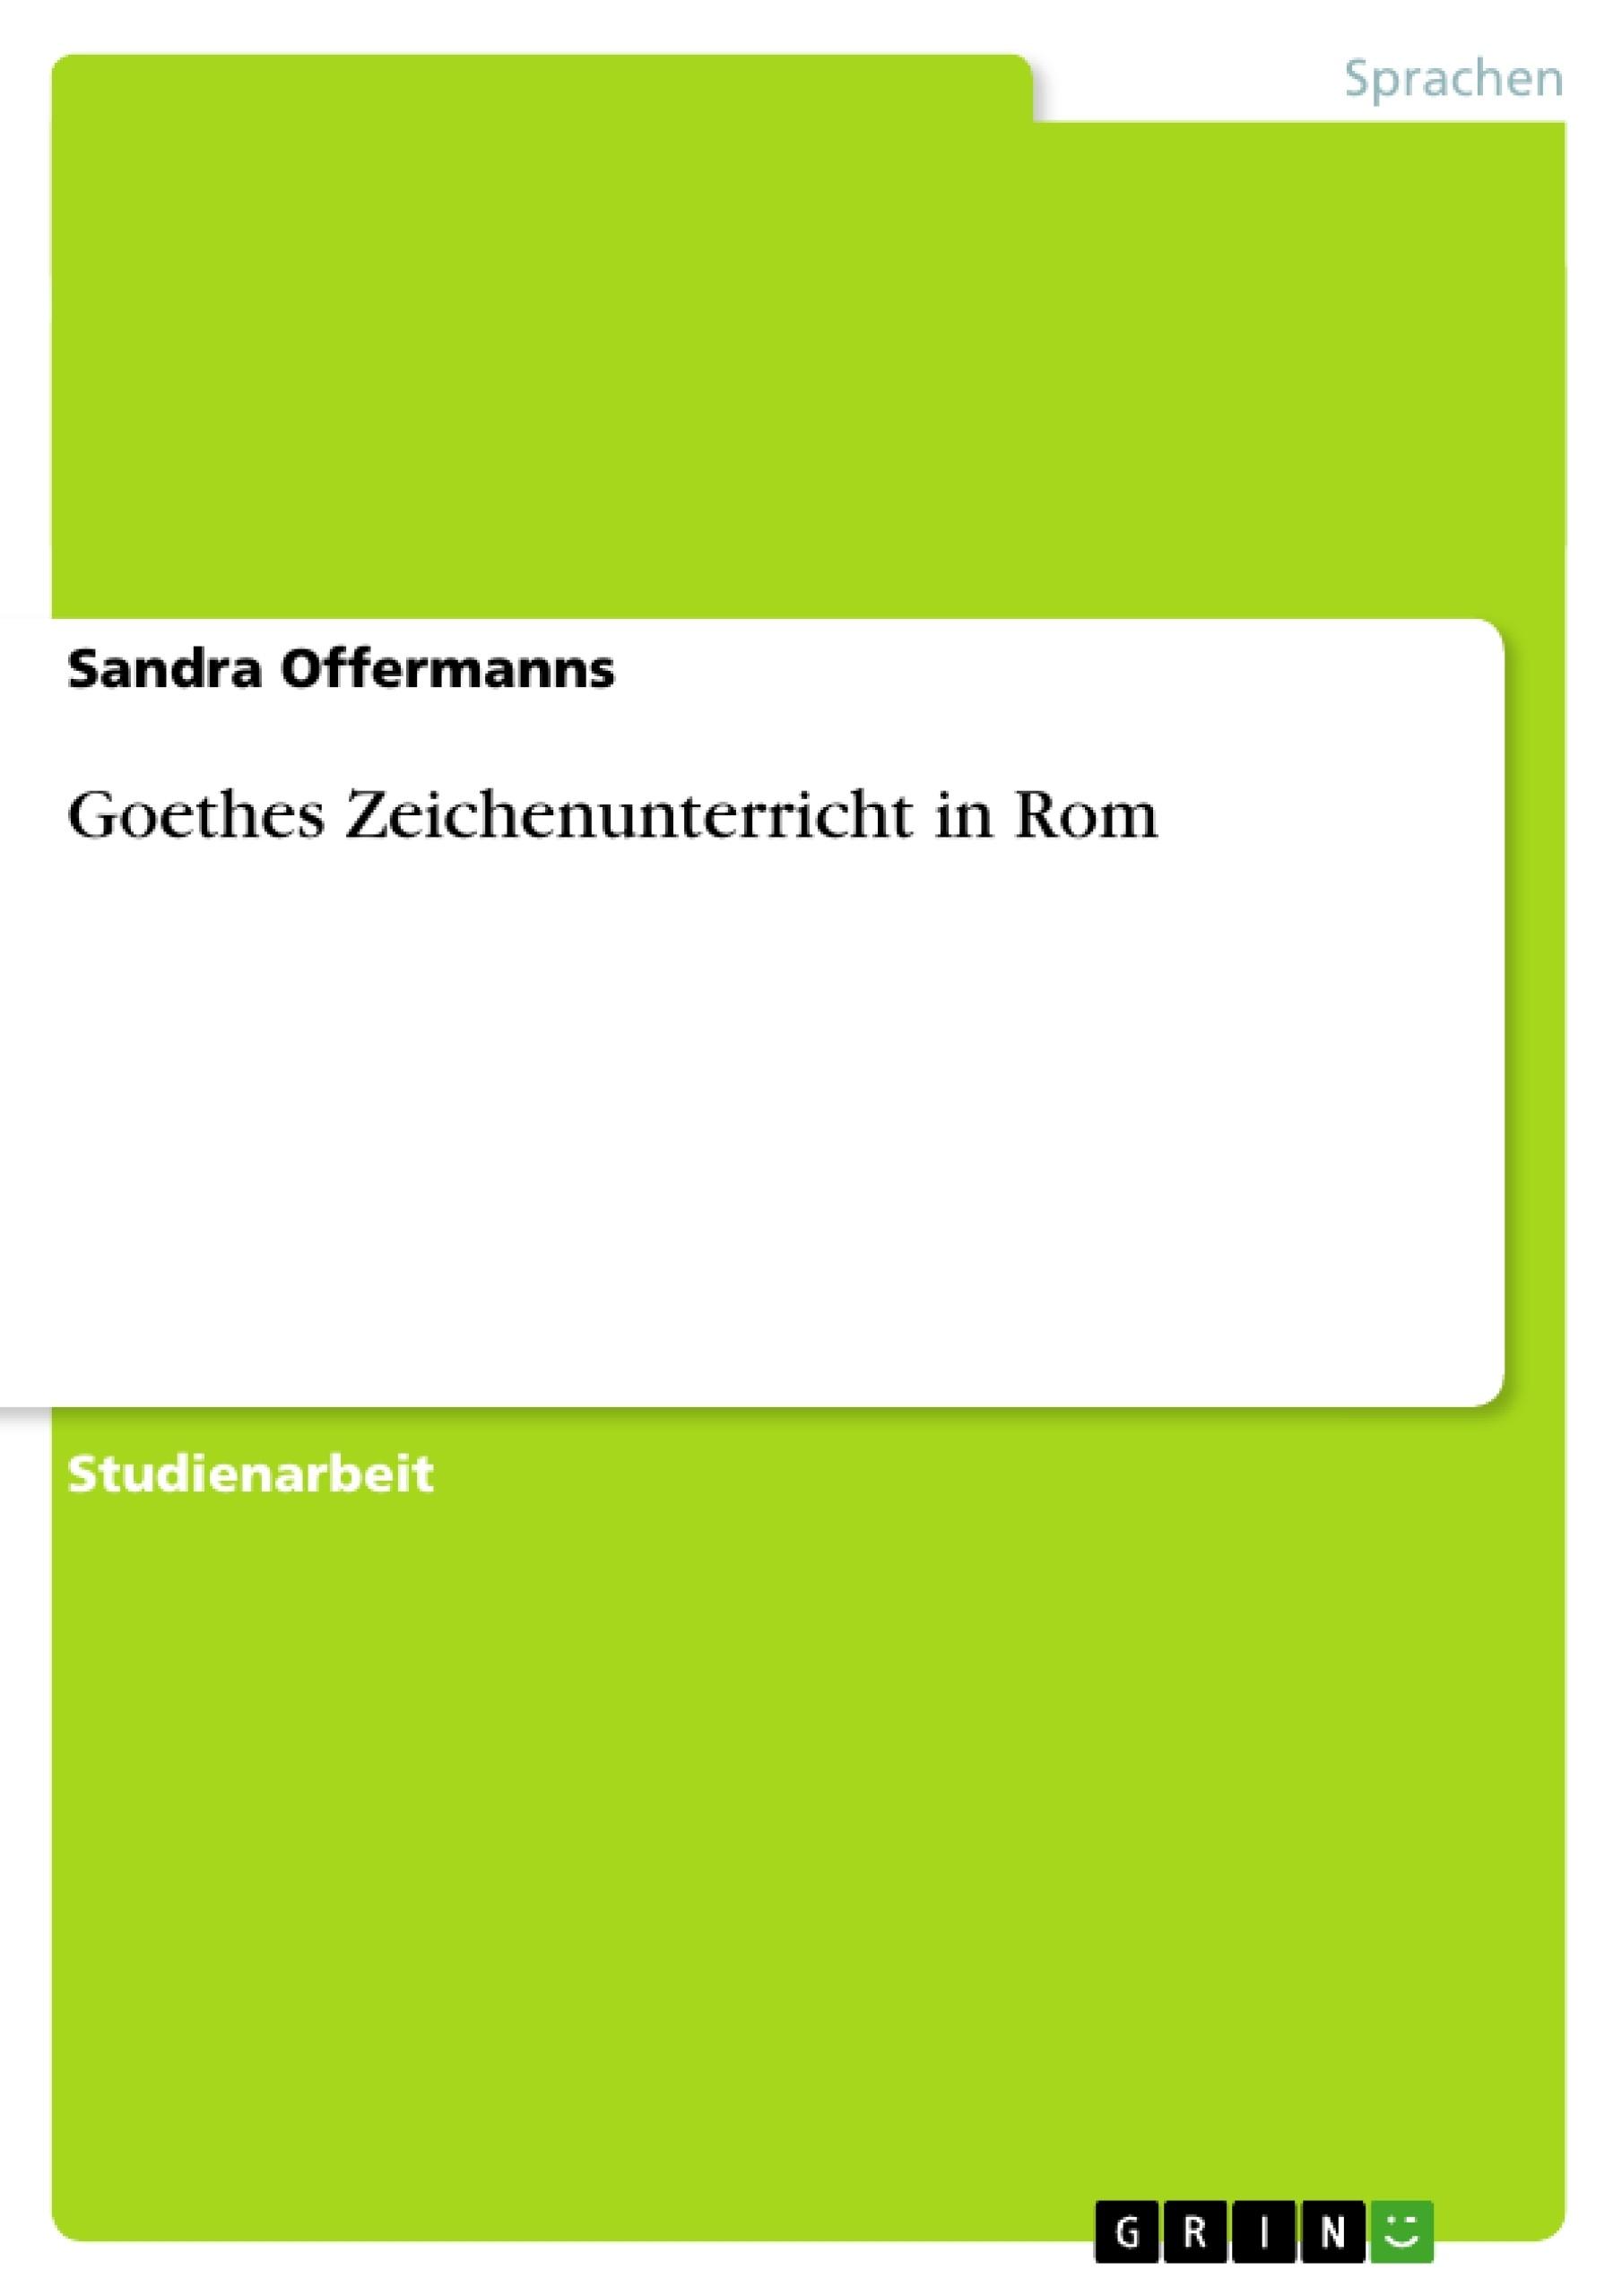 Titel: Goethes Zeichenunterricht in Rom